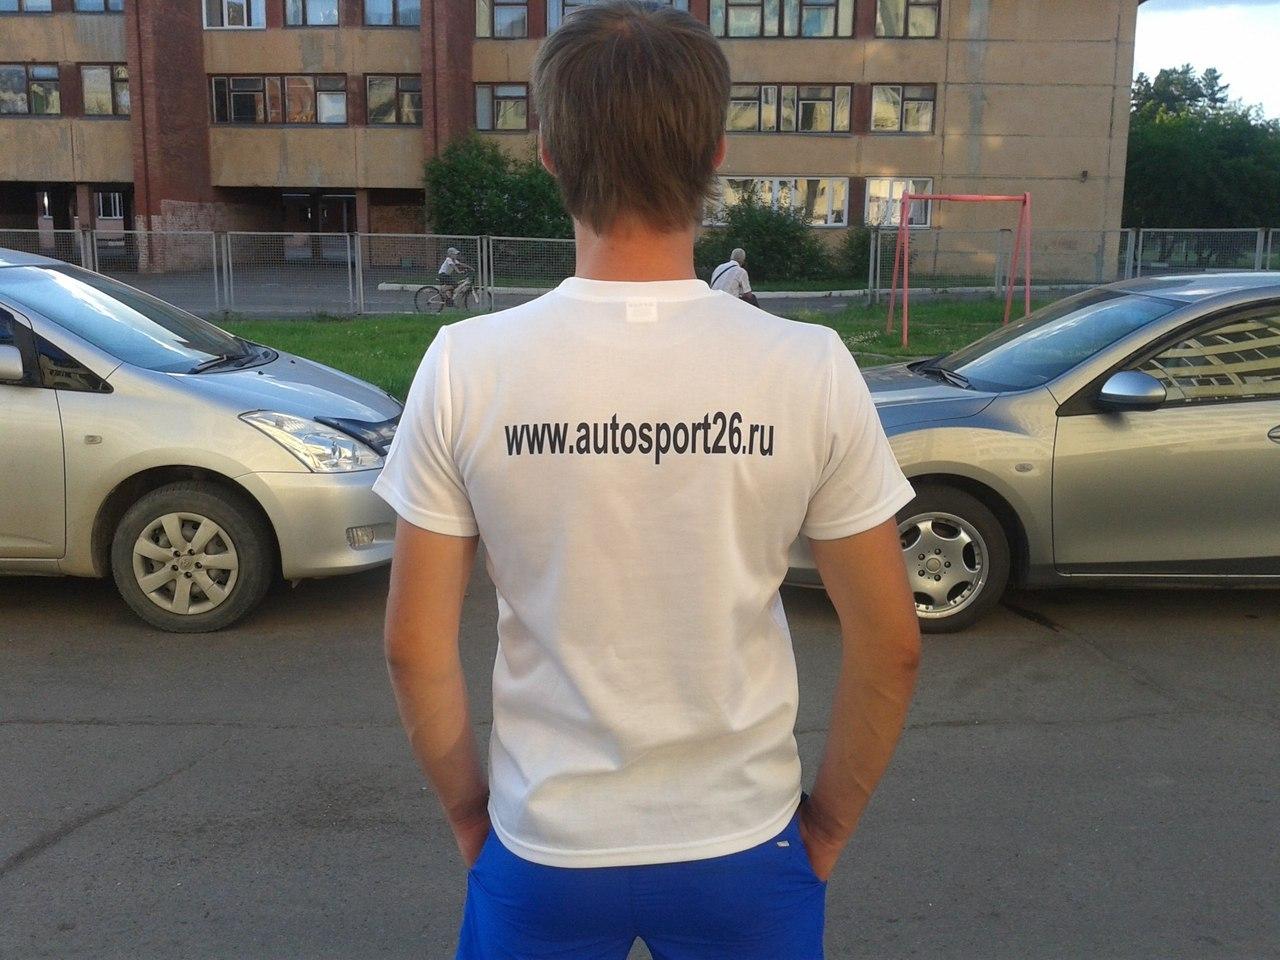 Детские и взрослые футболки с любой картинкой! LJLOLcpshtg